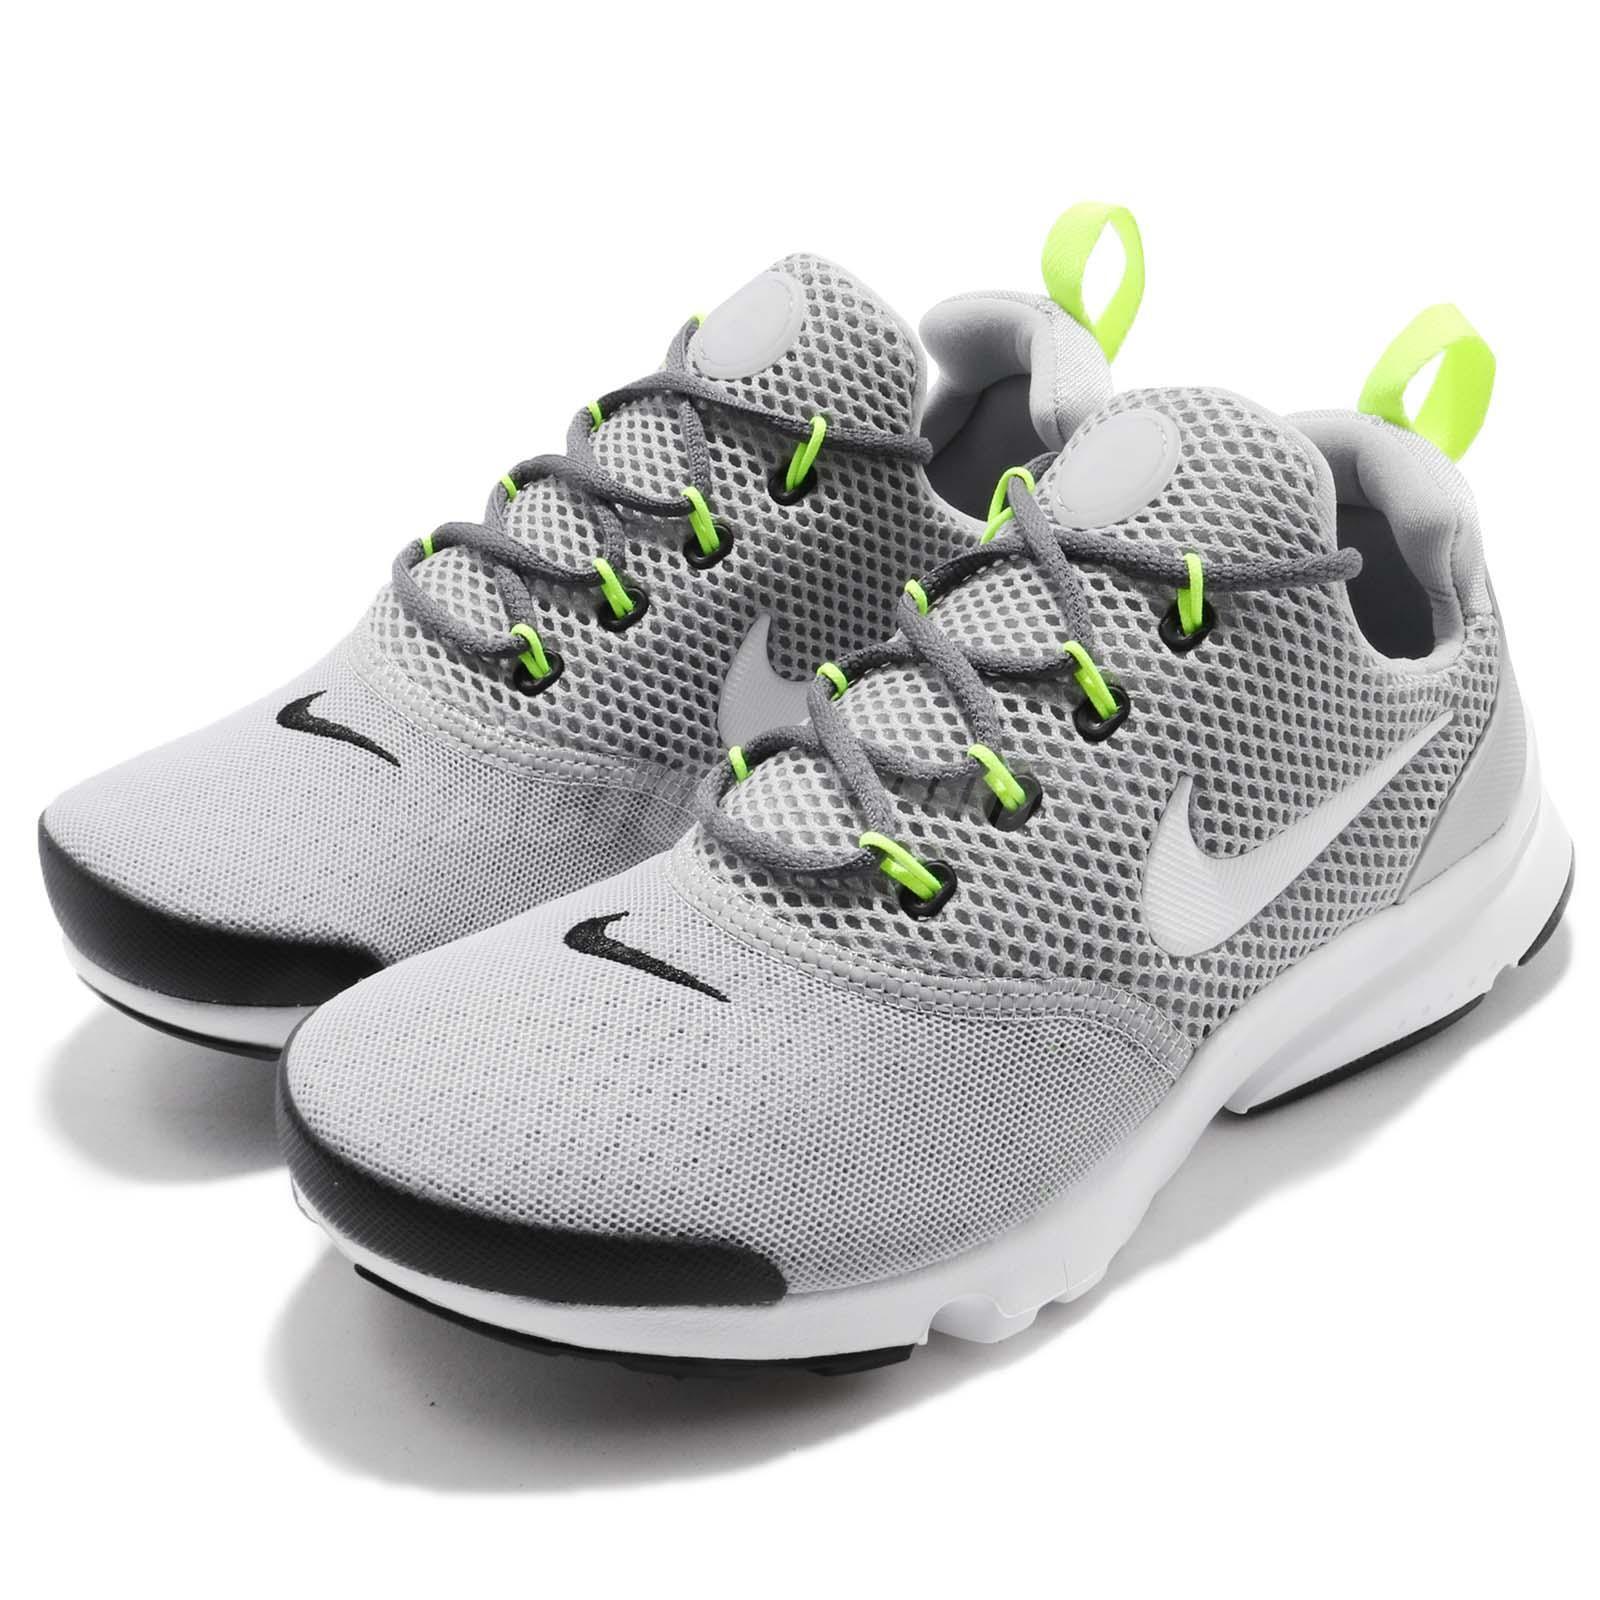 Nike Presto Fly GS Wolf grå grå grå ungar Youth kvinnor springaning skor skor 913966 -009  100% passform garanti